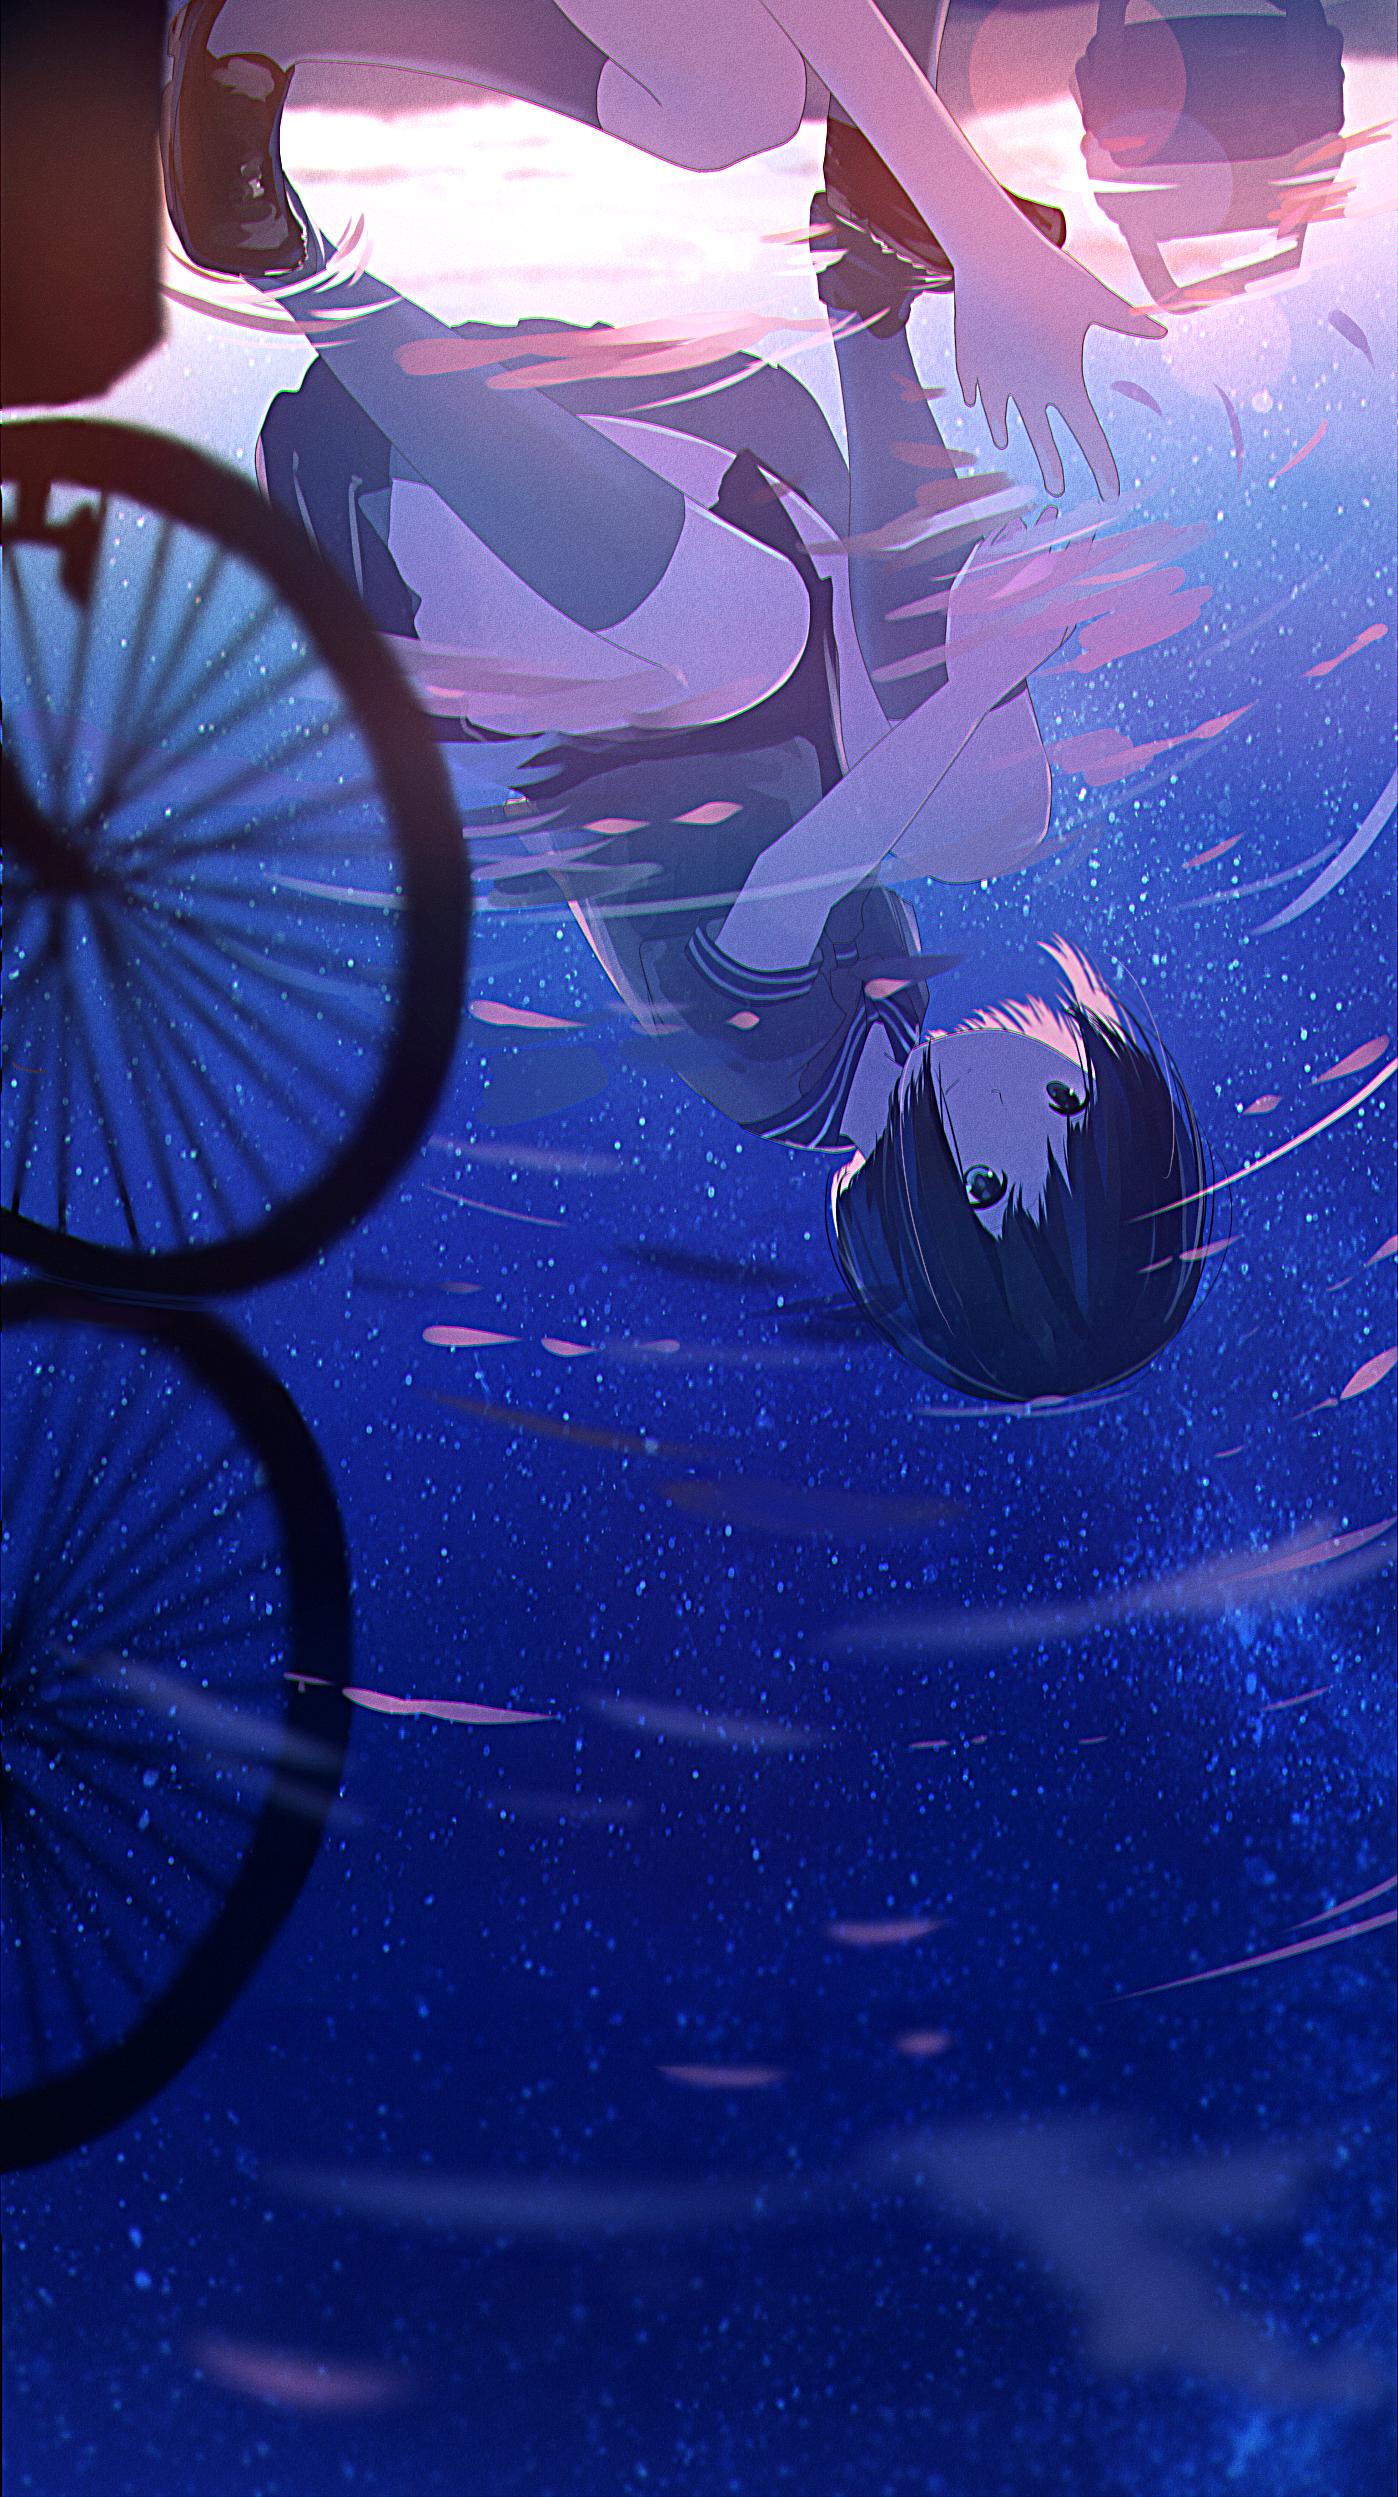 Pixiv みふる アニメの風景 幻想的なイラスト イラスト